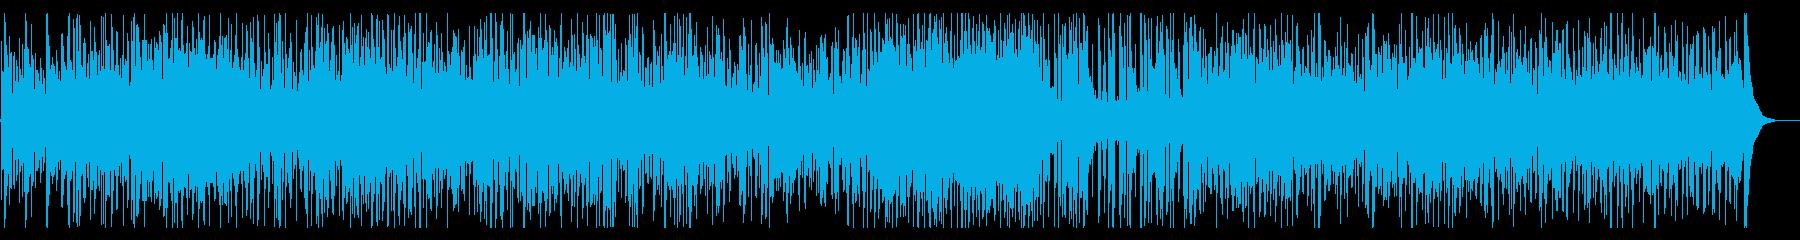 ウキウキとワクワクのスパニッシュギターの再生済みの波形